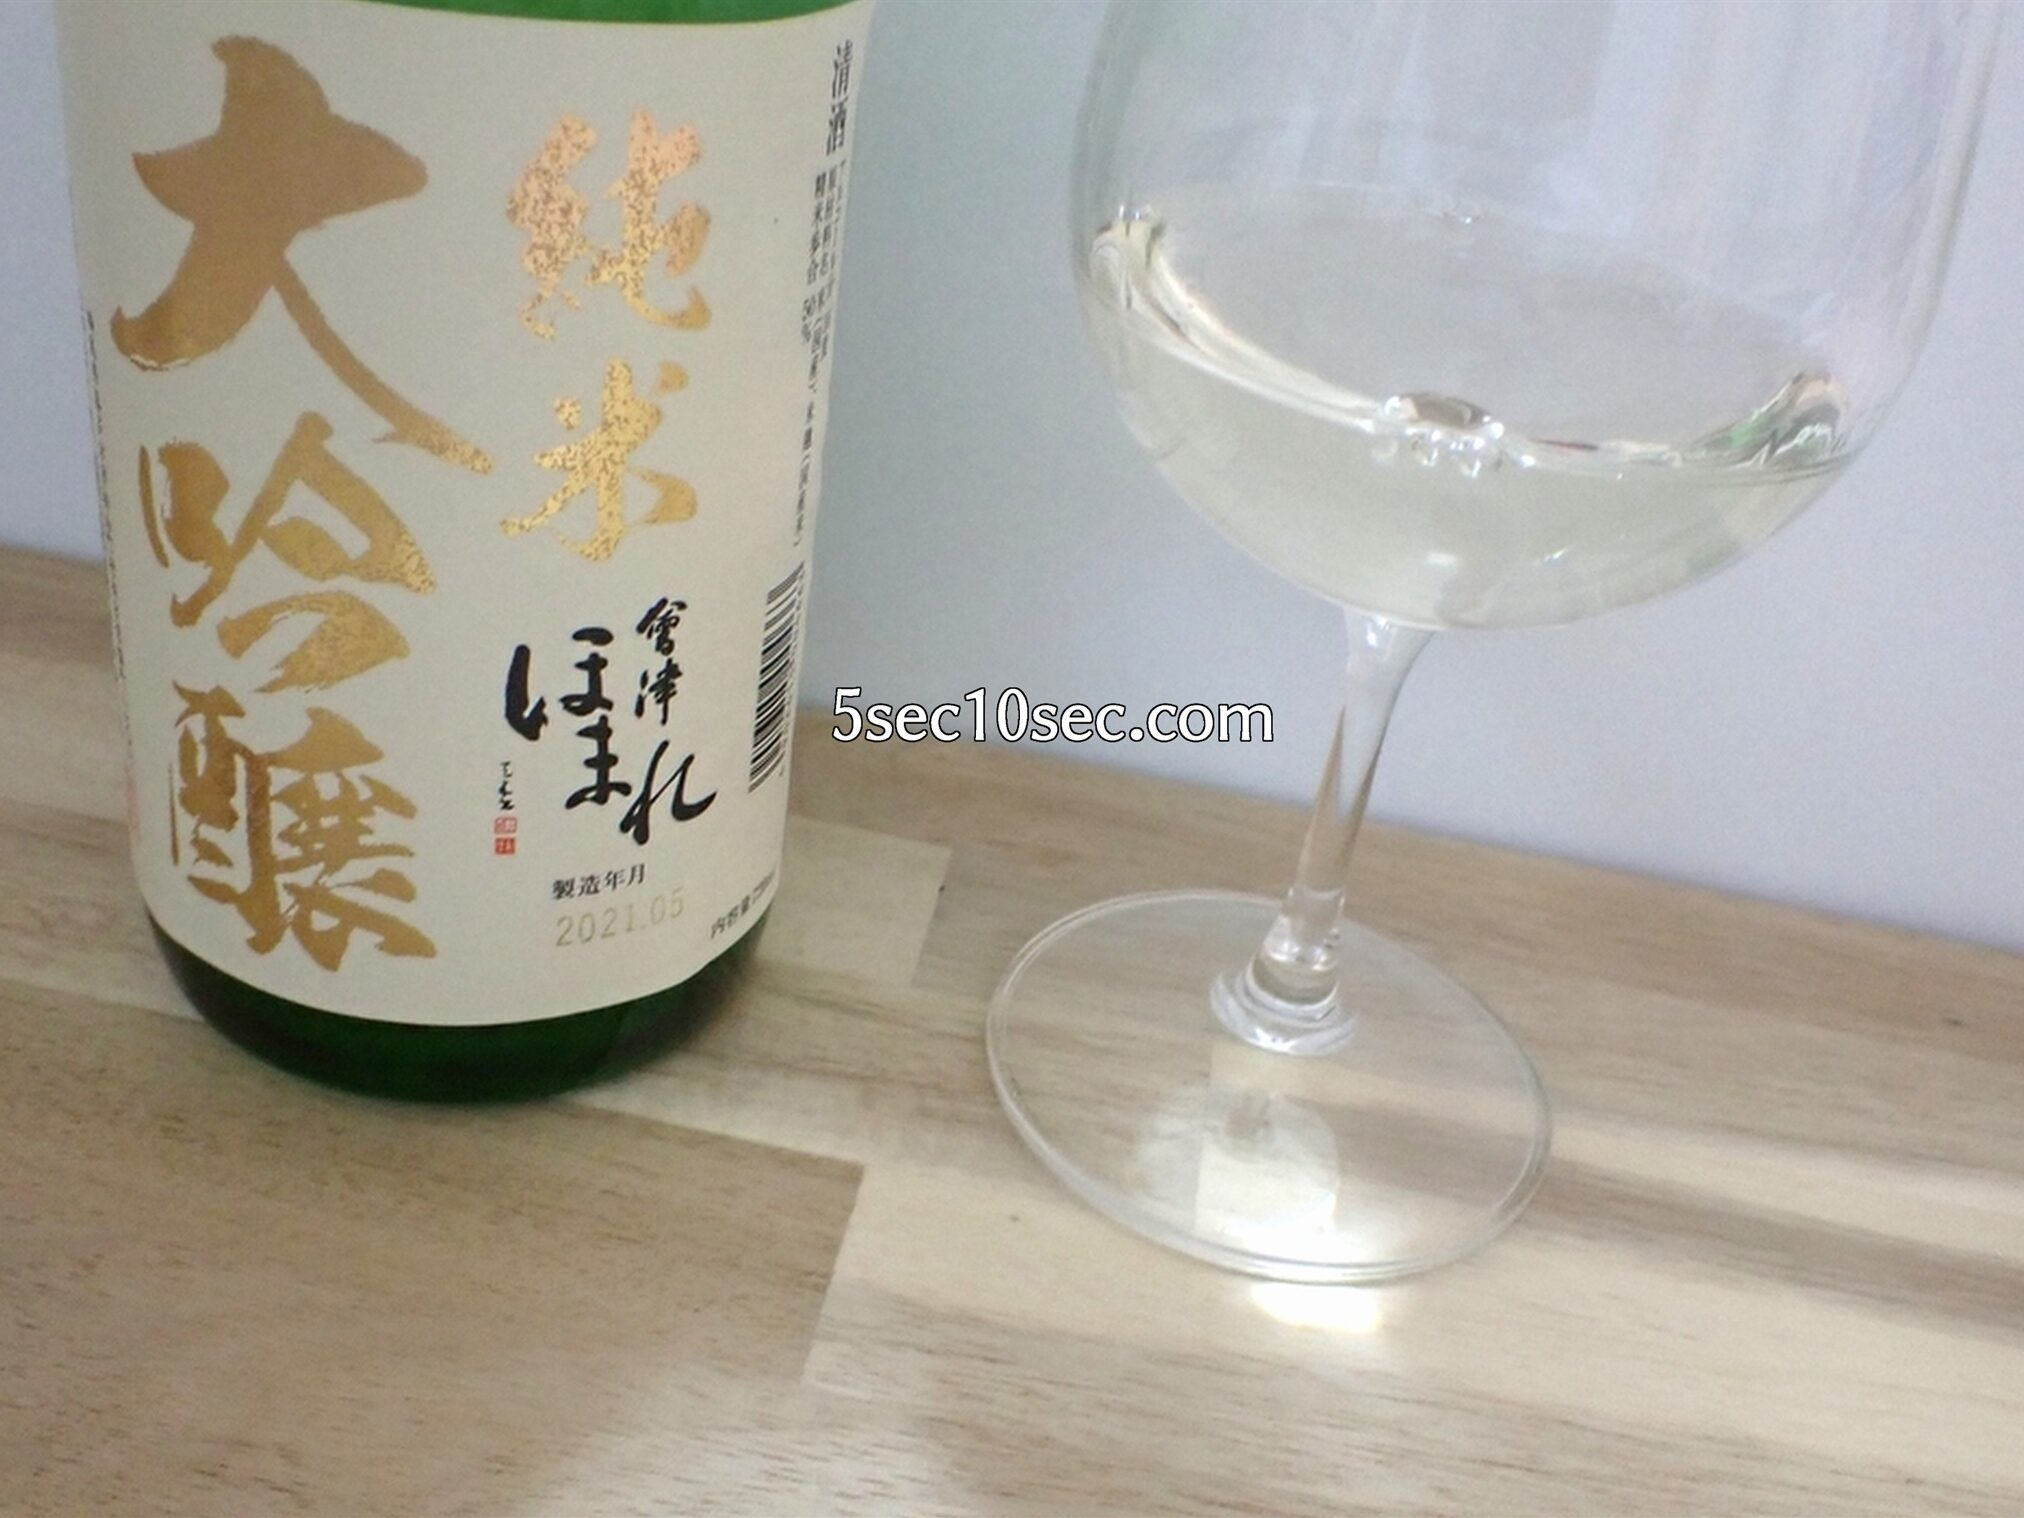 みずみずしいフルーティー感 日本酒 純米大吟醸 会津ほまれ 白 極(きわみ)